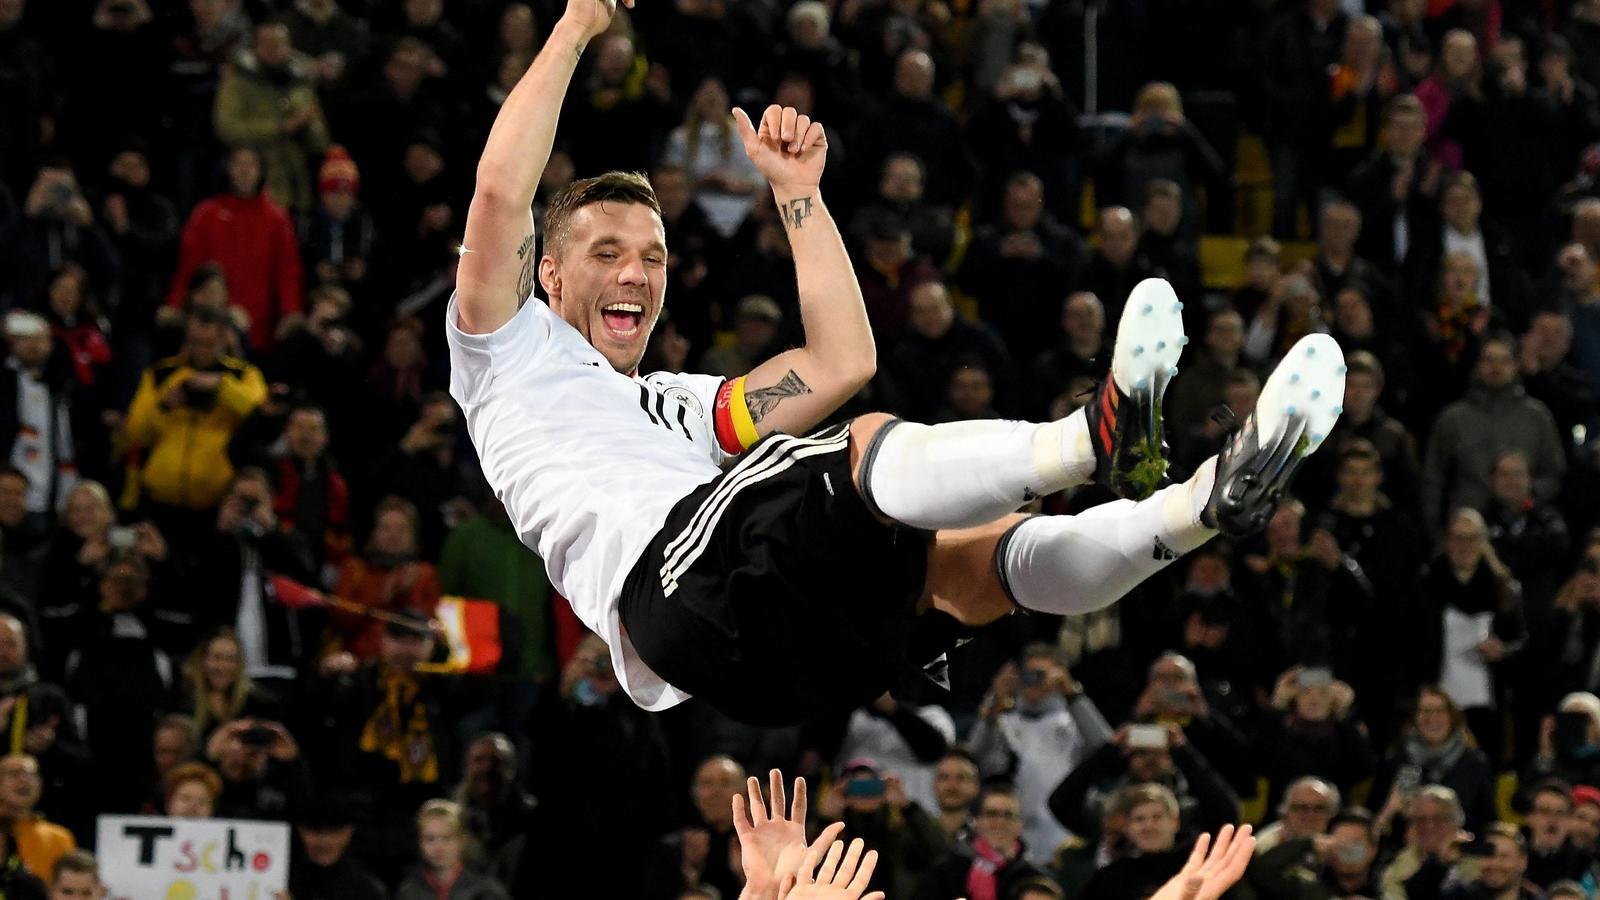 Gute Laune Bär Podolski Mit Hollywoodreifem Abgang Von Der Dfb Bühne